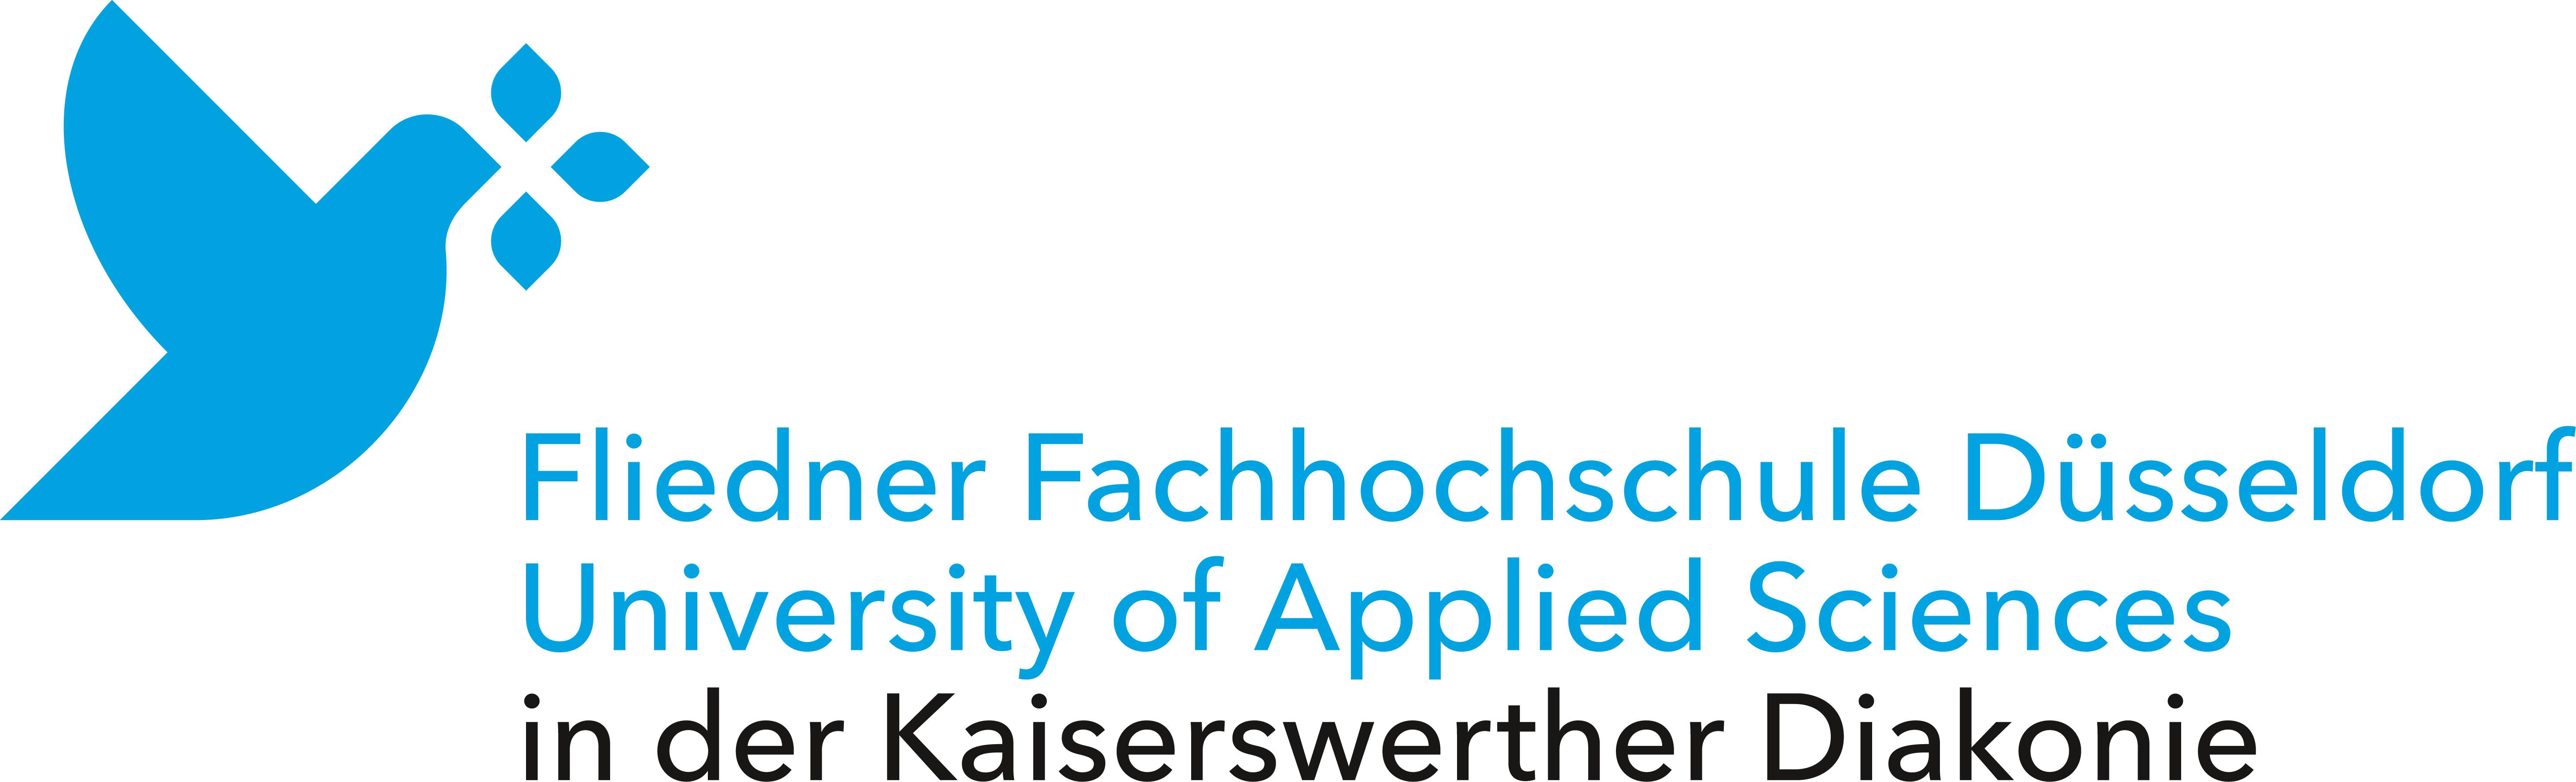 Logo Fliedner Fachhochschule Düsseldorf